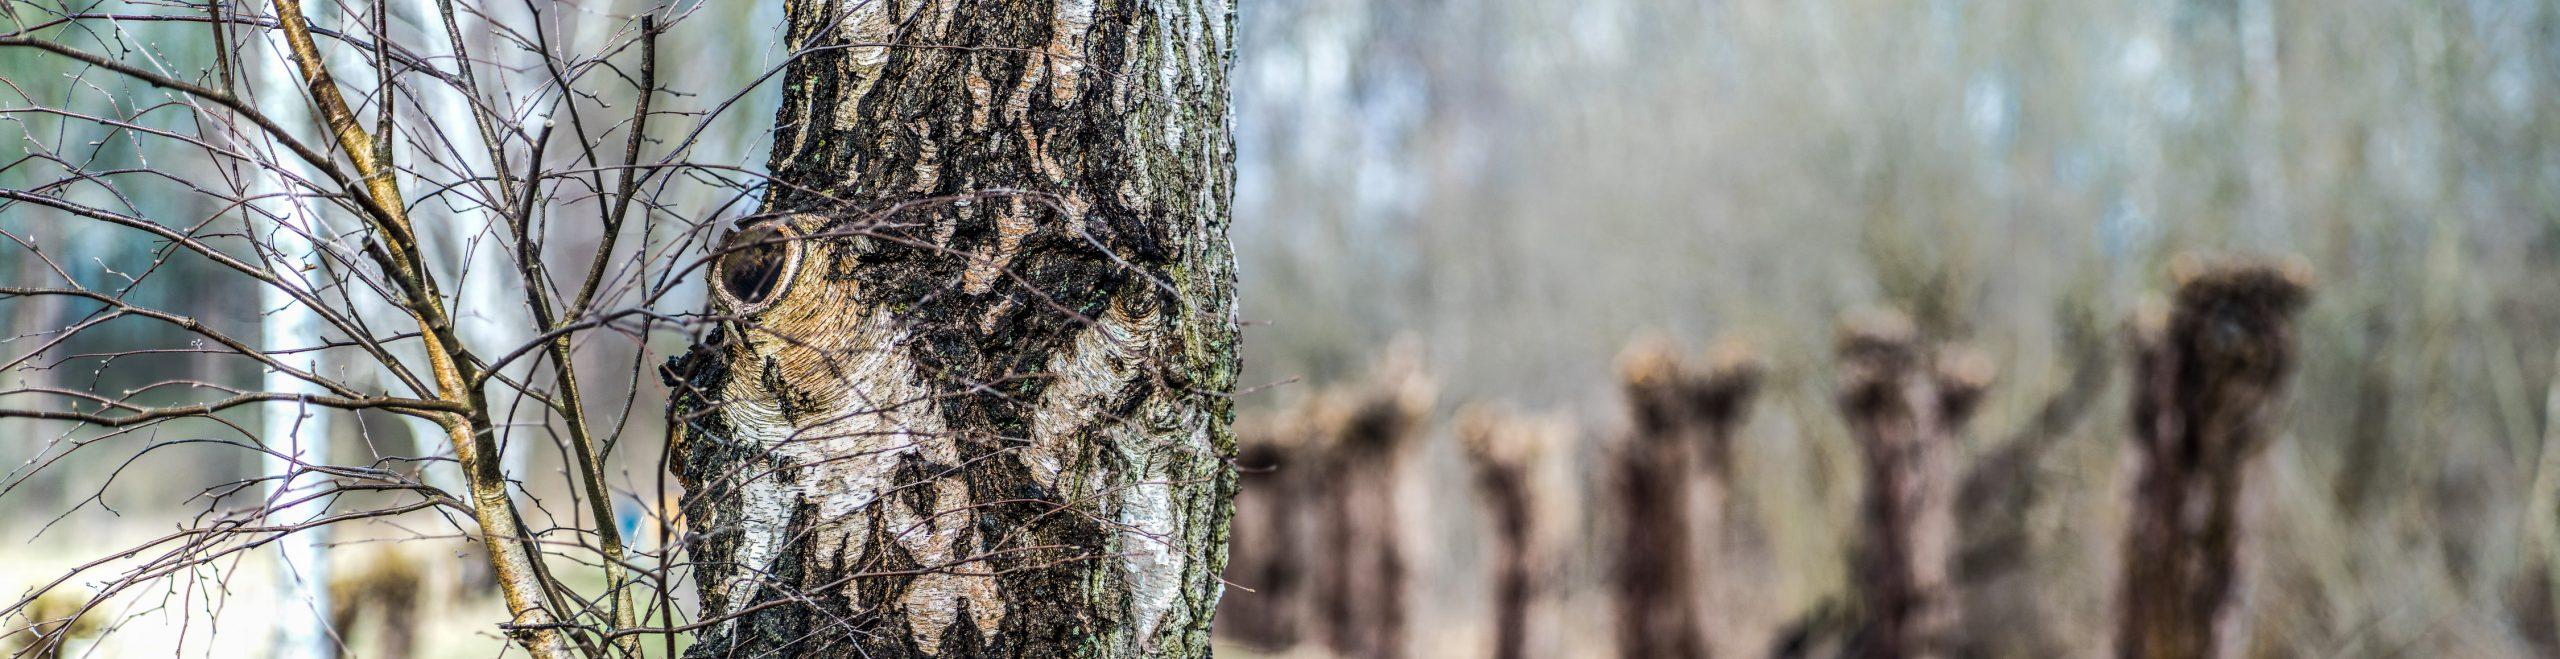 Birke vor geschnittenen Weiden, ein extremes Querformat wie alle Bilder in diesem Artikel